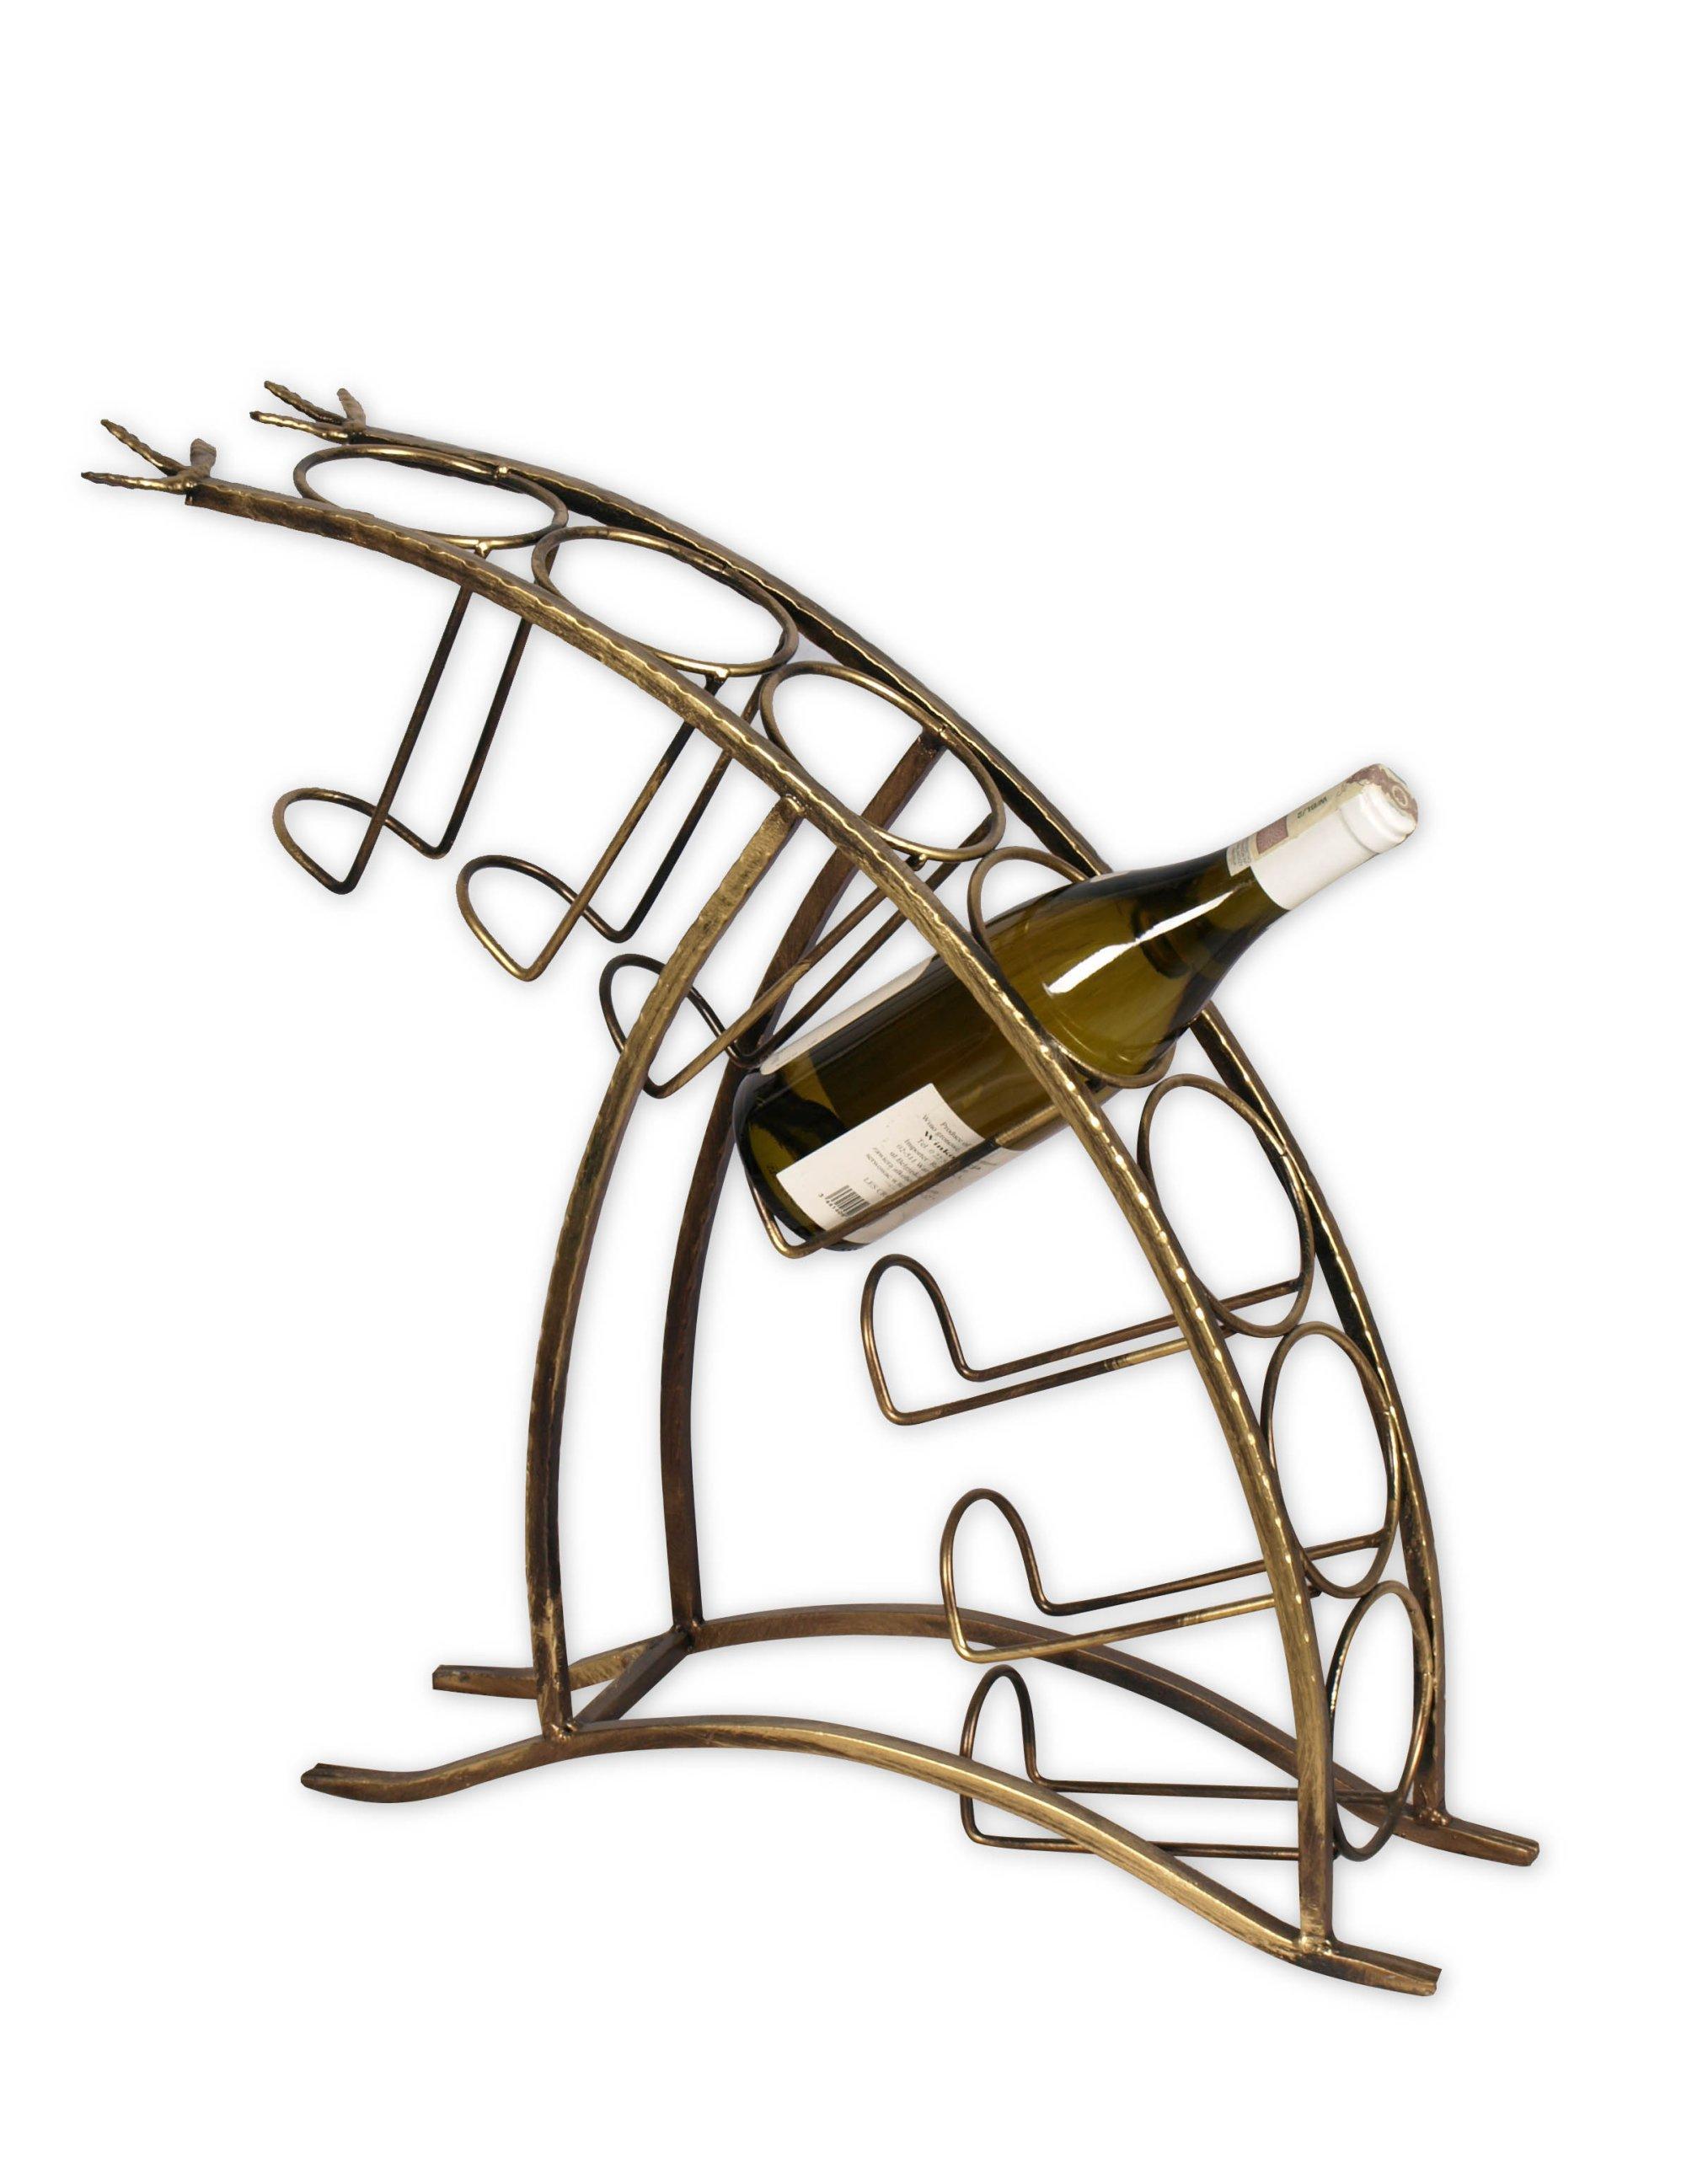 Nábytok Stojan na víno na 7 fľašiach Metaloplastika